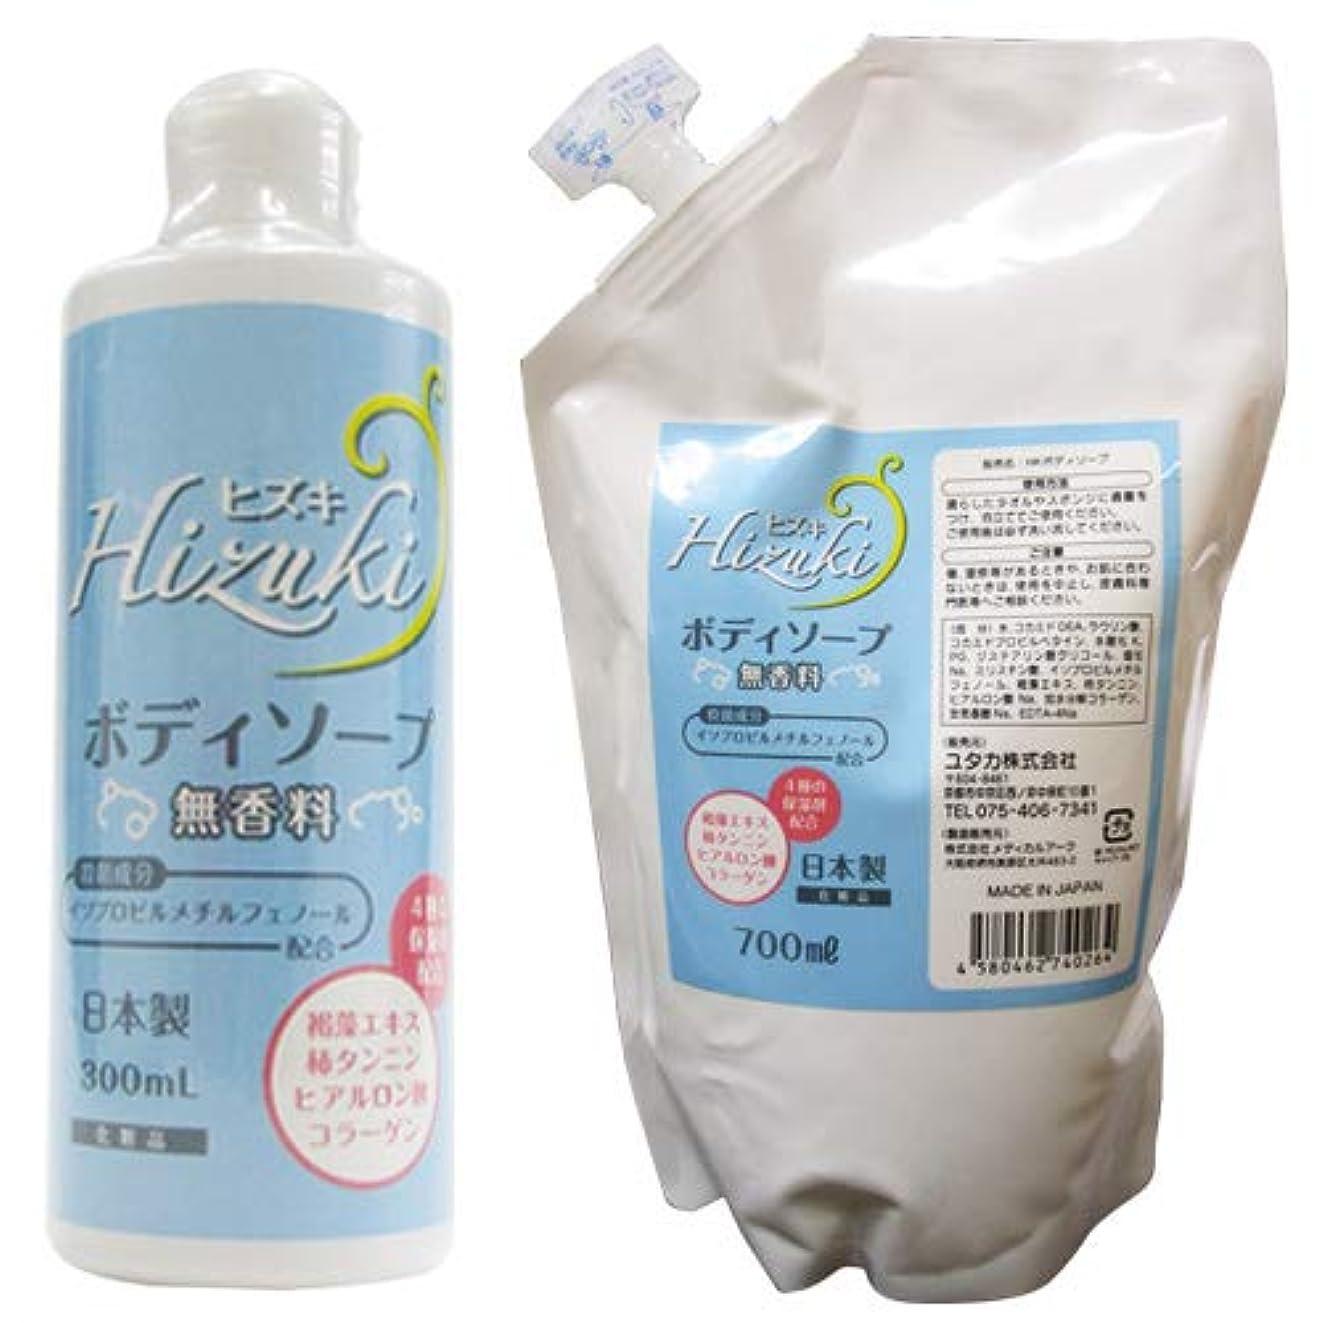 火炎灌漑単位Hizuki(ヒズキ) ボディソープ 300mL + 詰め替え用700mL セット